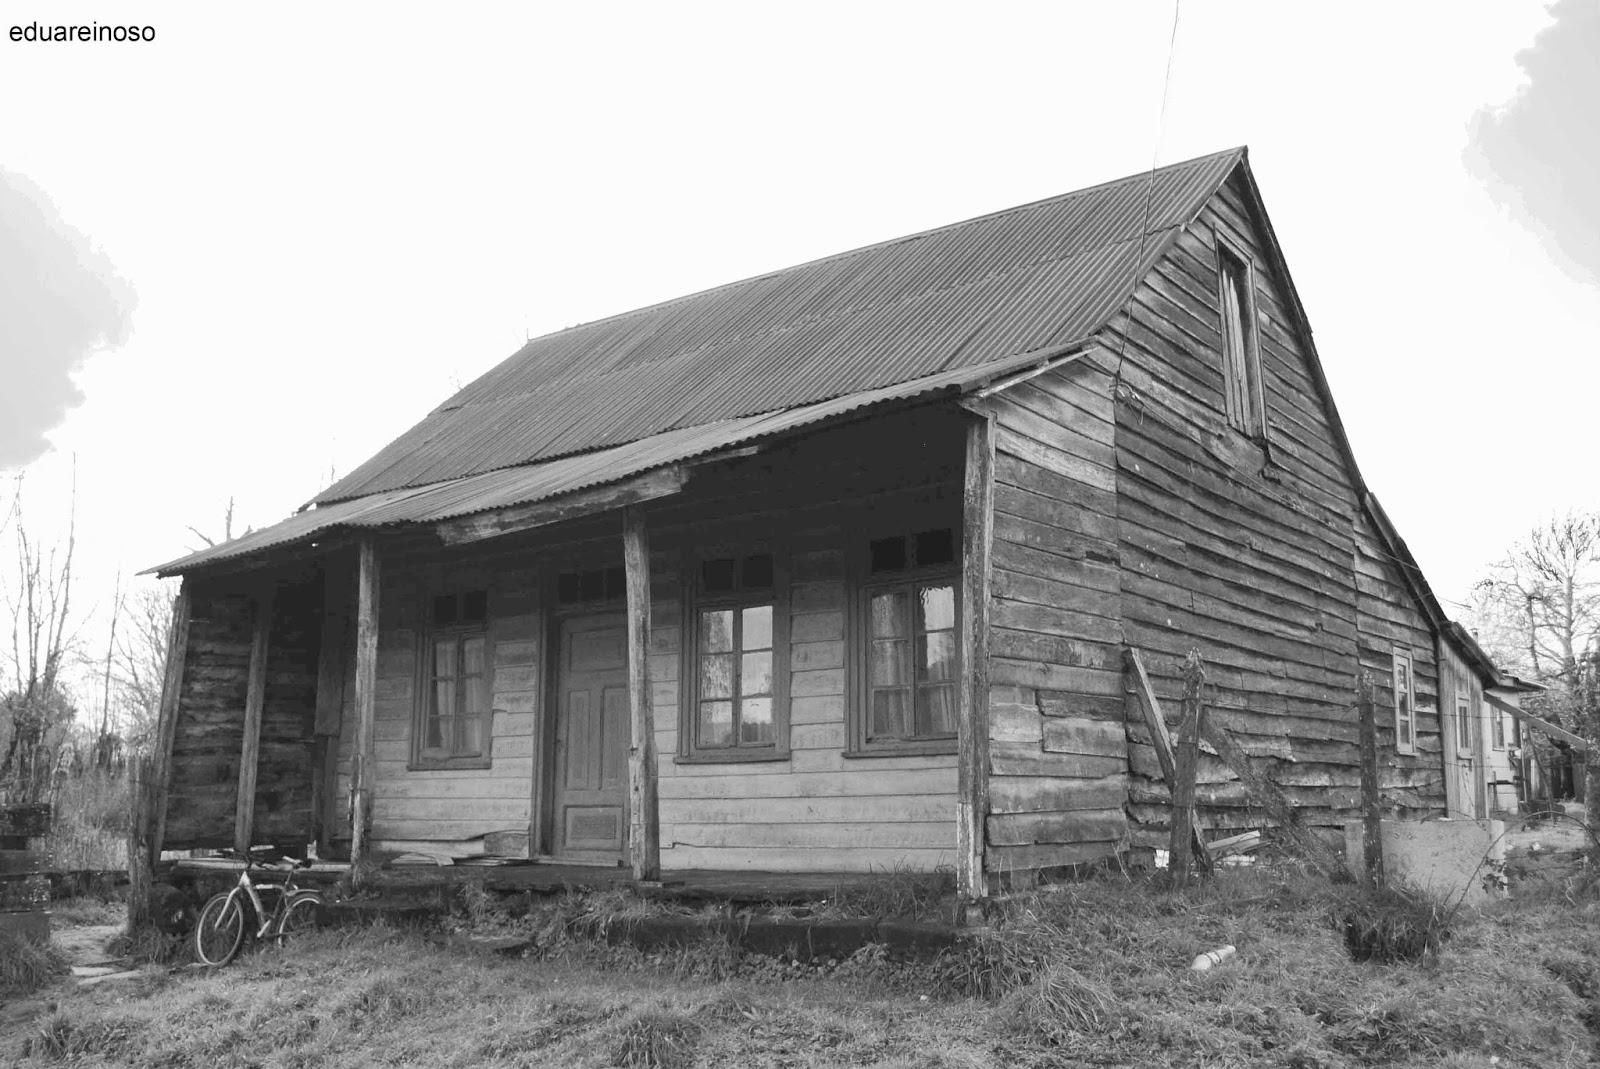 Ojos de concepci n casa en blanco y negro - Fotos en blanco ...